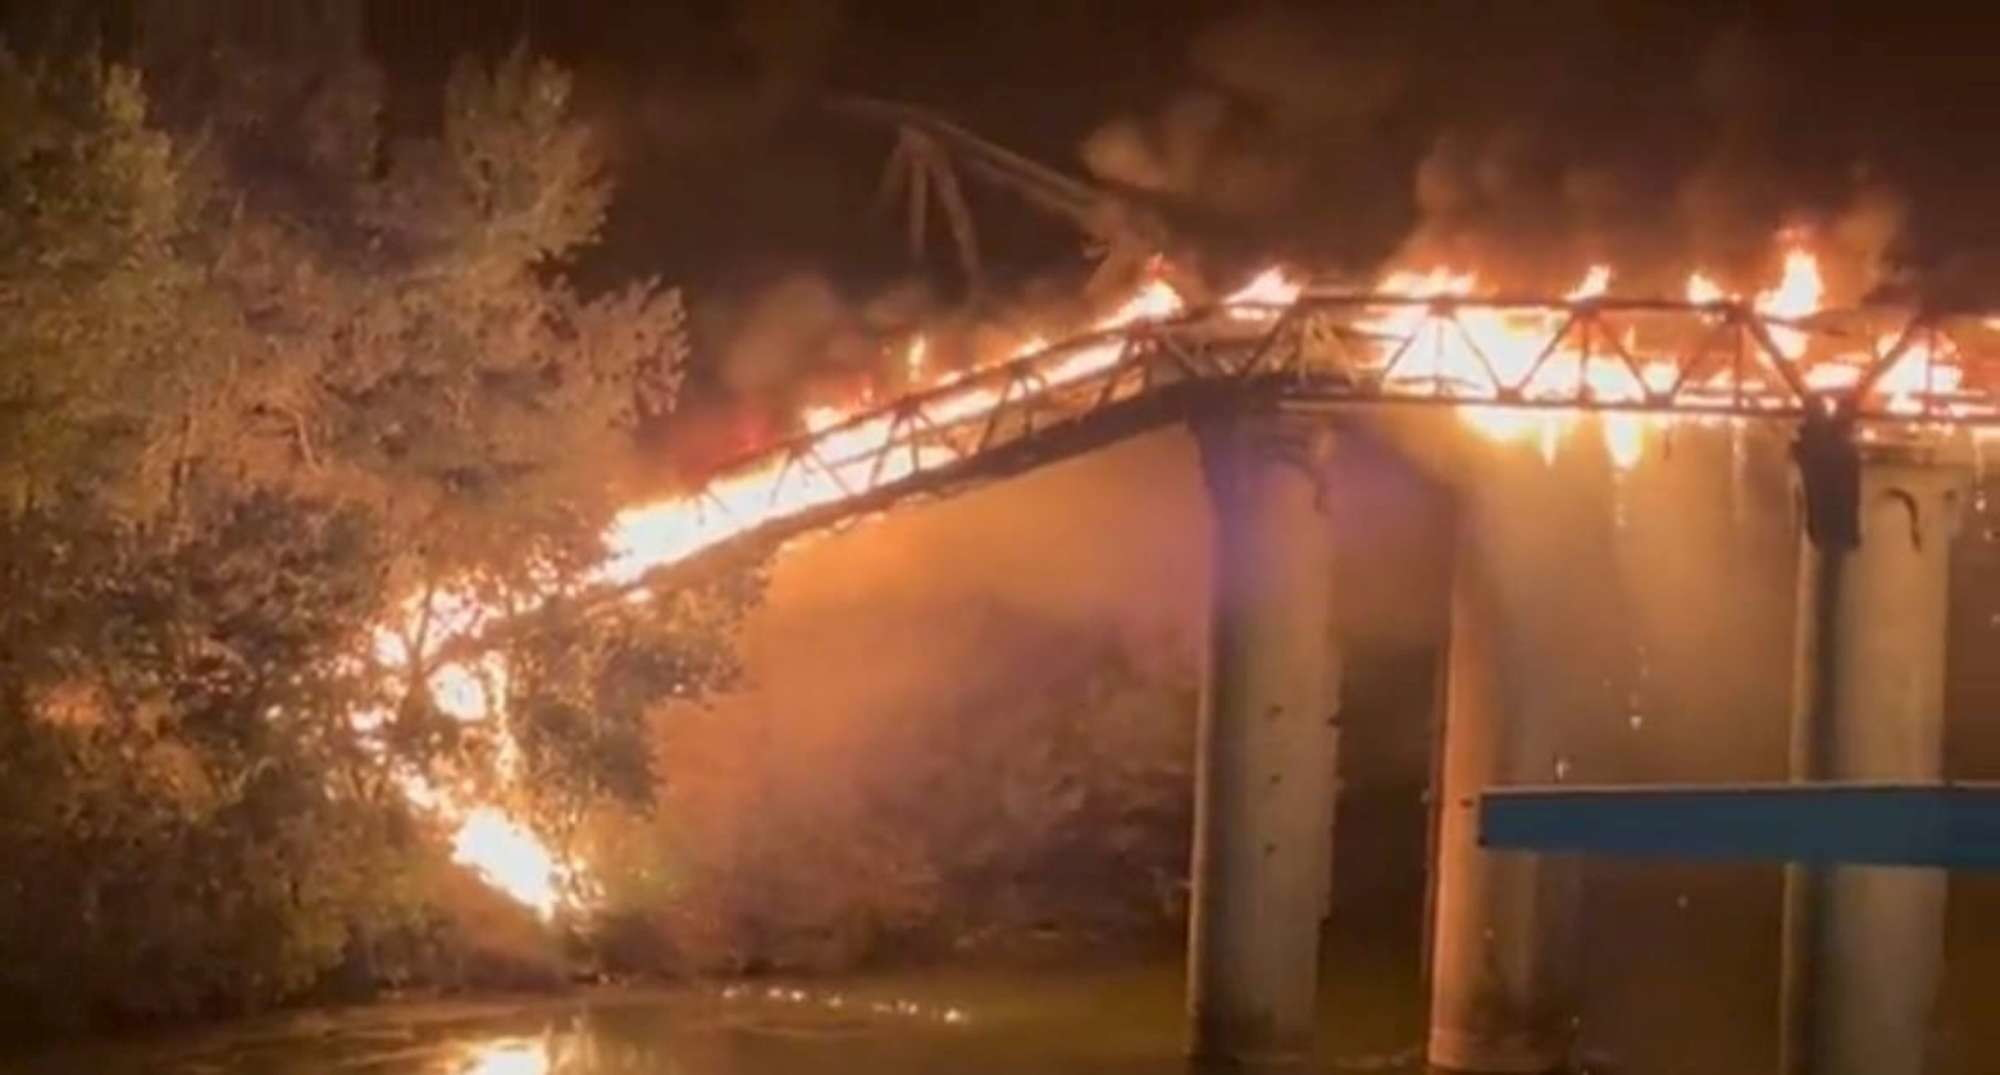 Roma, vasto incendio in zona Ostiense: in fiamme il Ponte dell'Industria